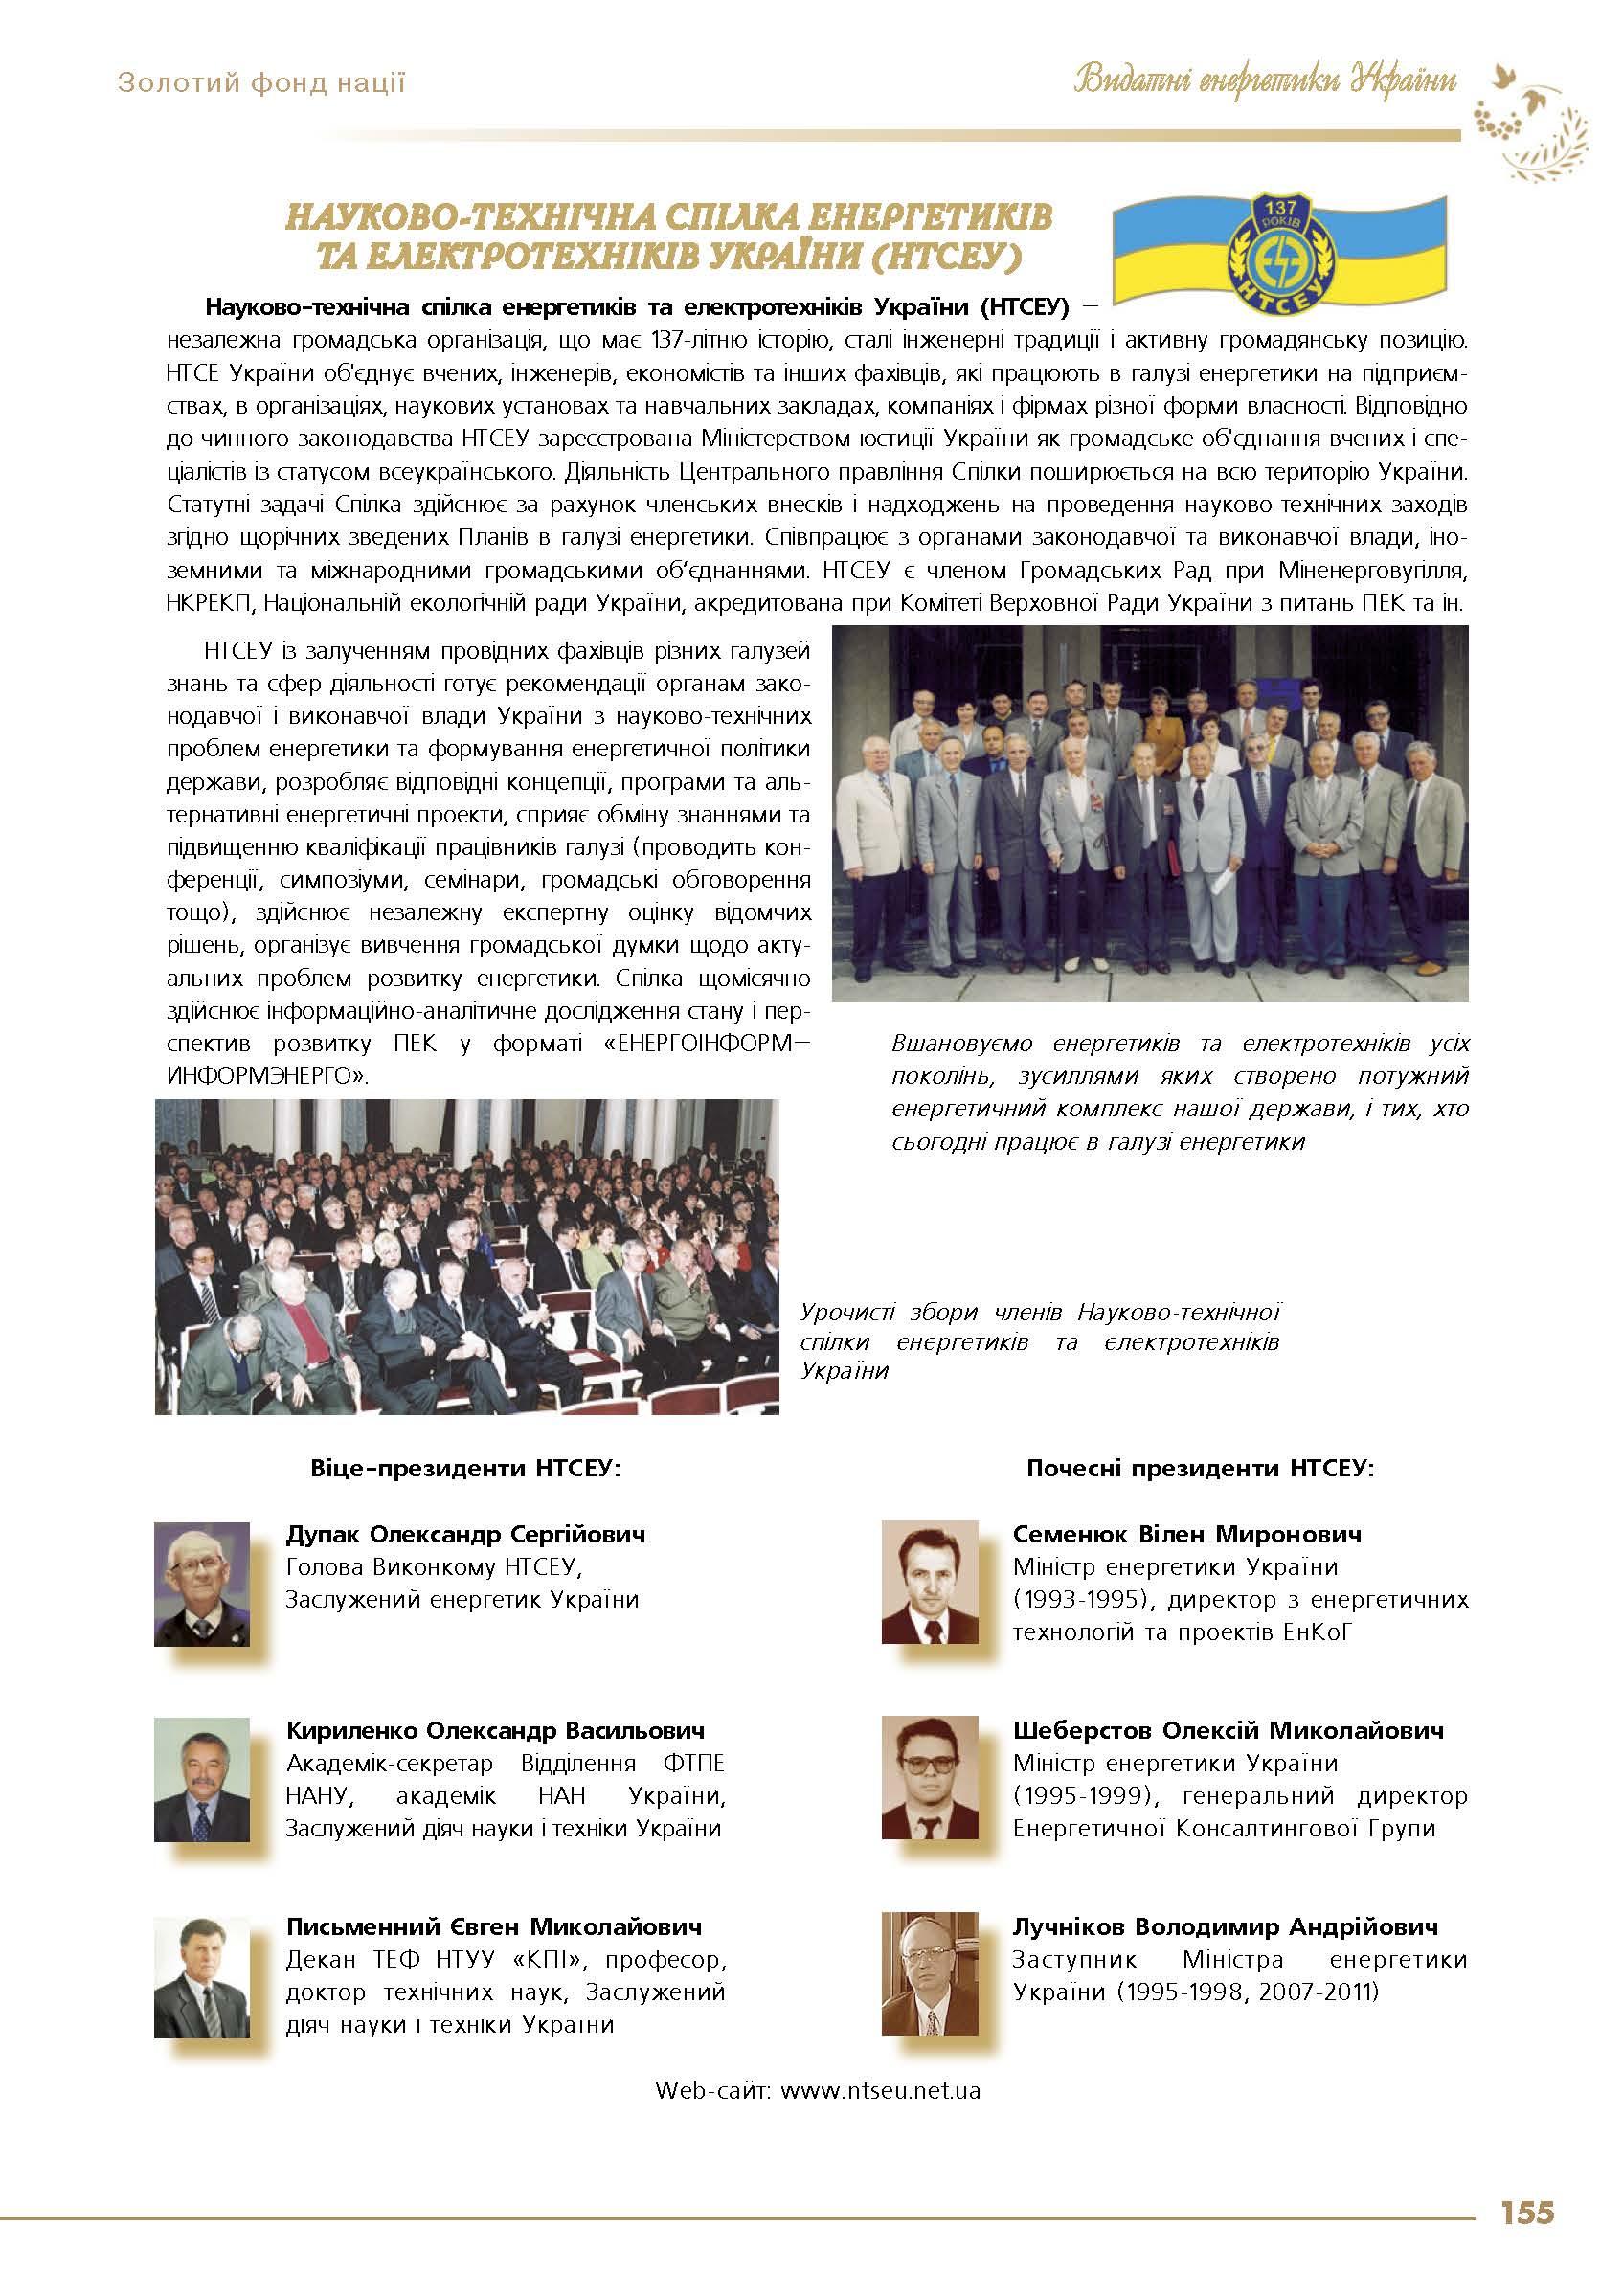 Науково-технічна спілка енергетиків та електротехніків України (НТСЕУ)